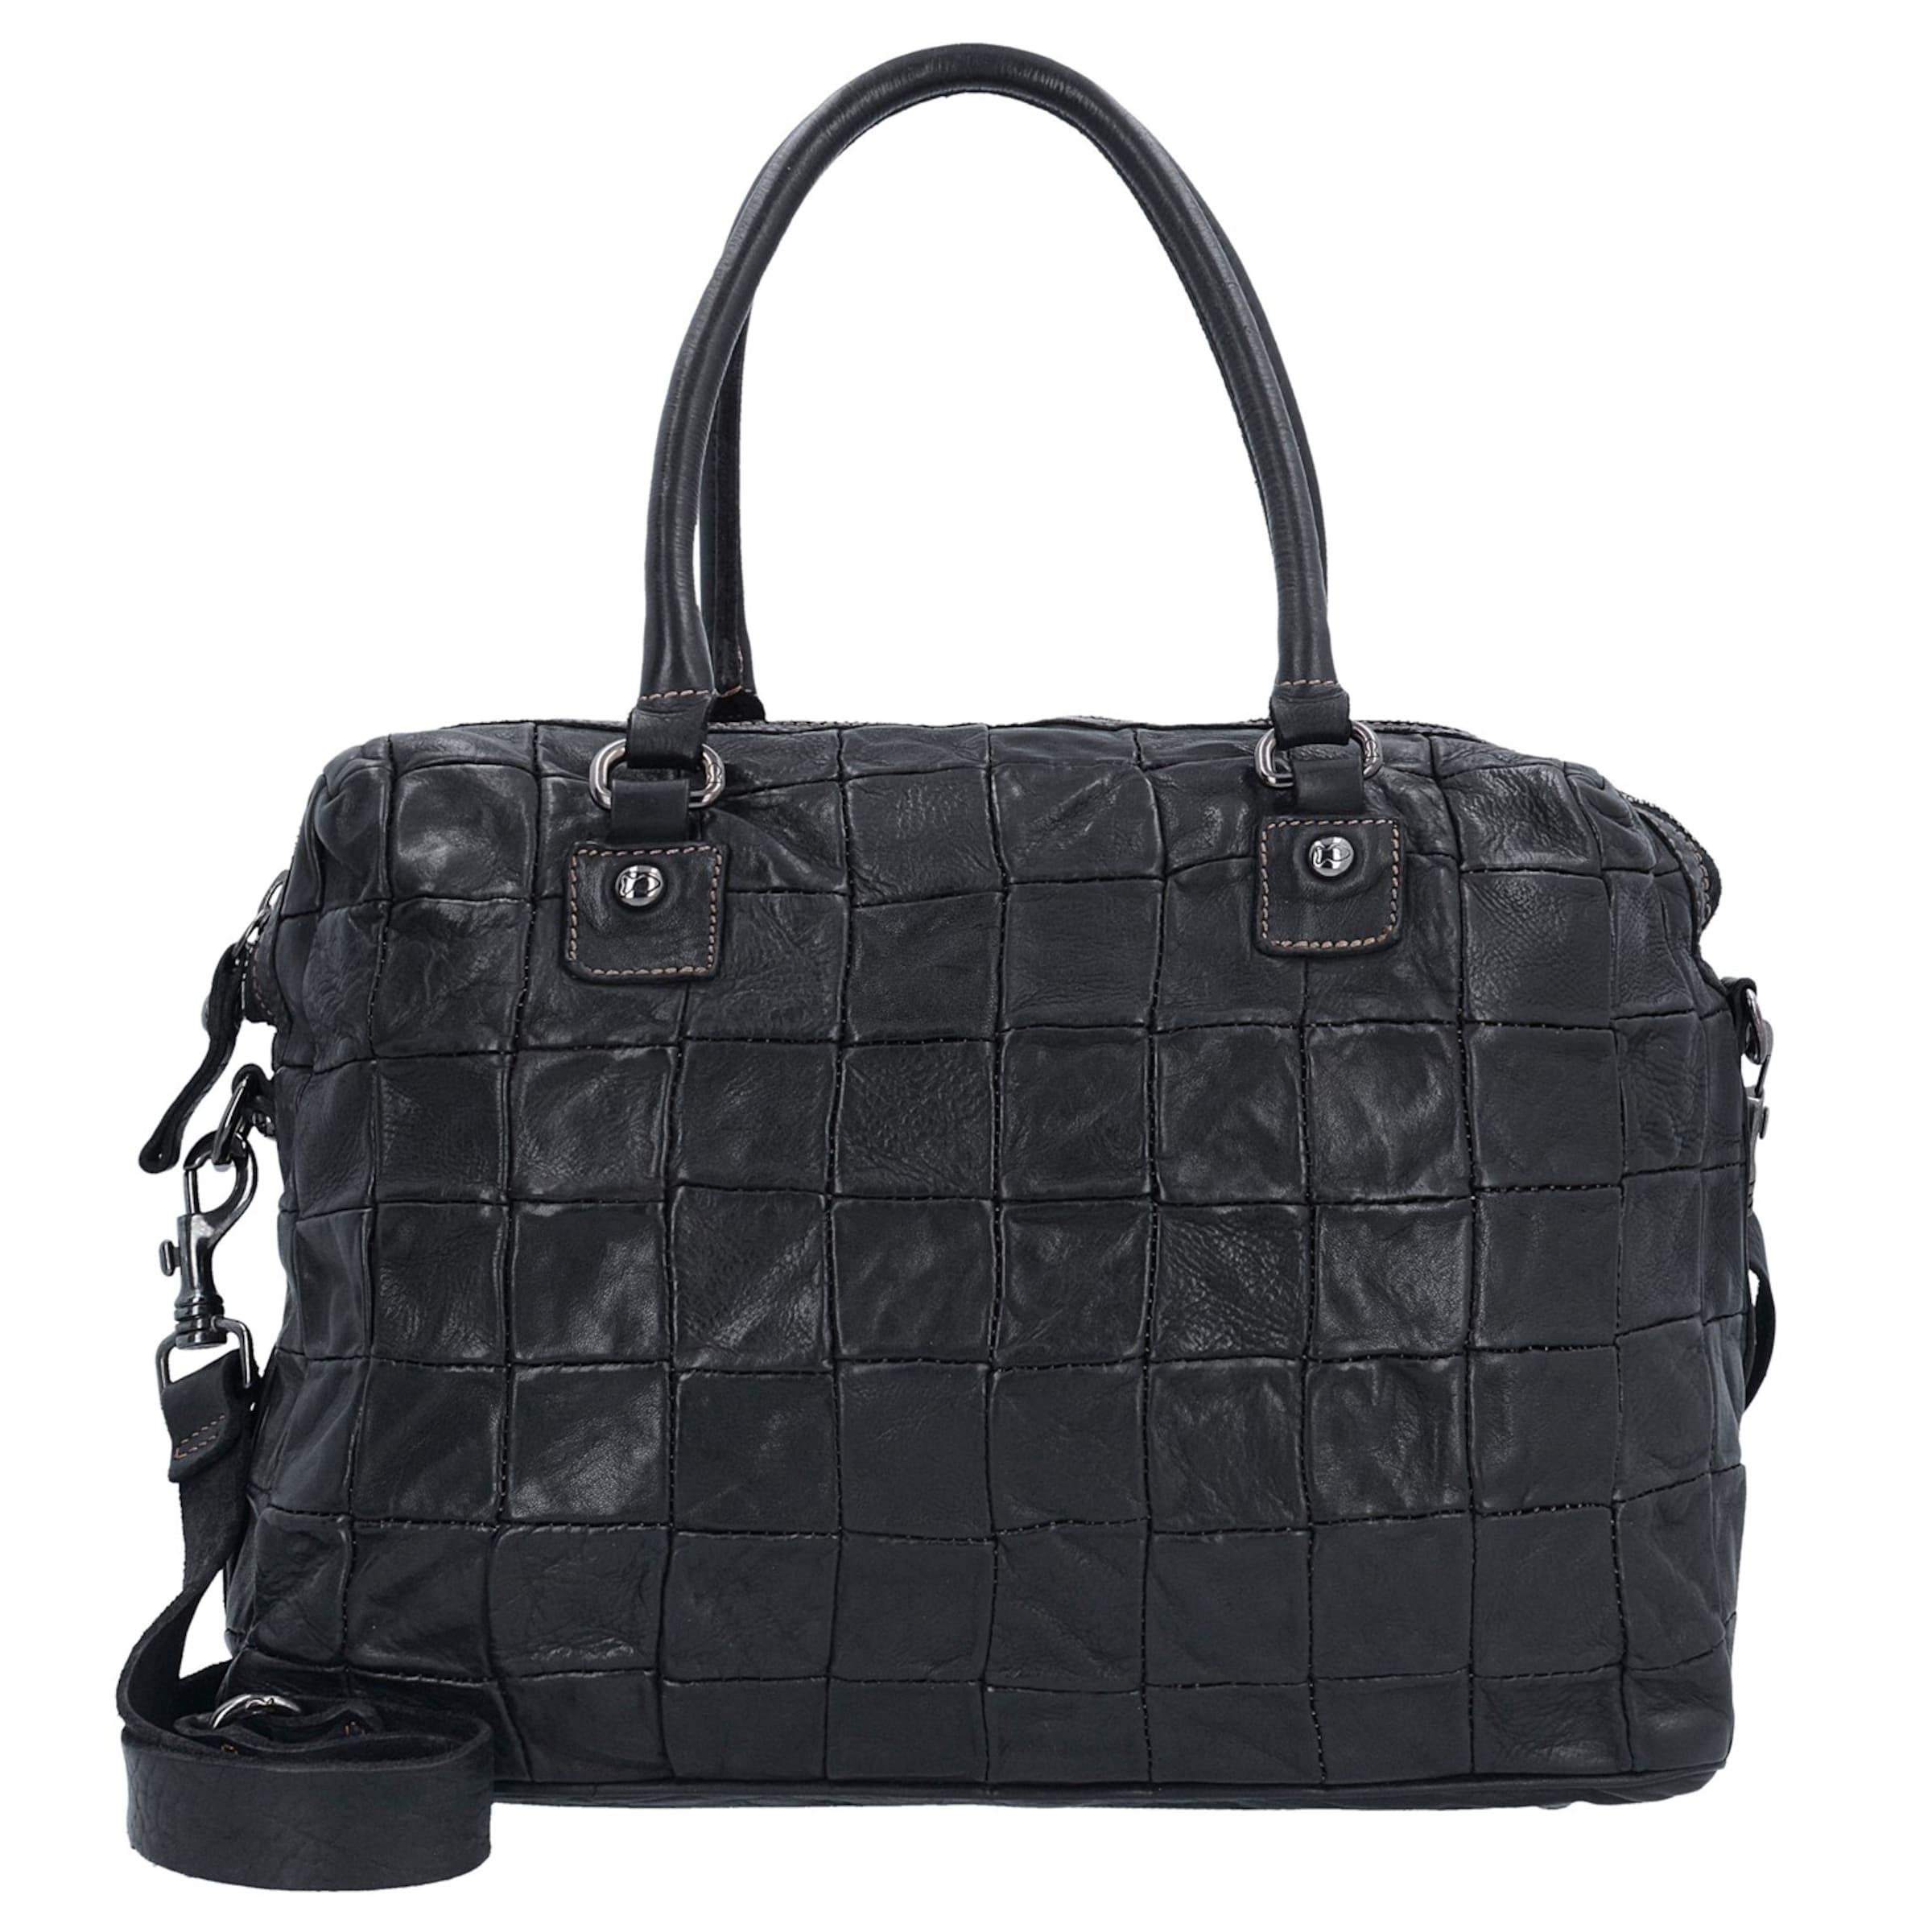 Günstig Kaufen Brandneue Unisex Campomaggi Centella Handtasche Leder 40cm Verkauf Fälschung yzDMCkdIqt